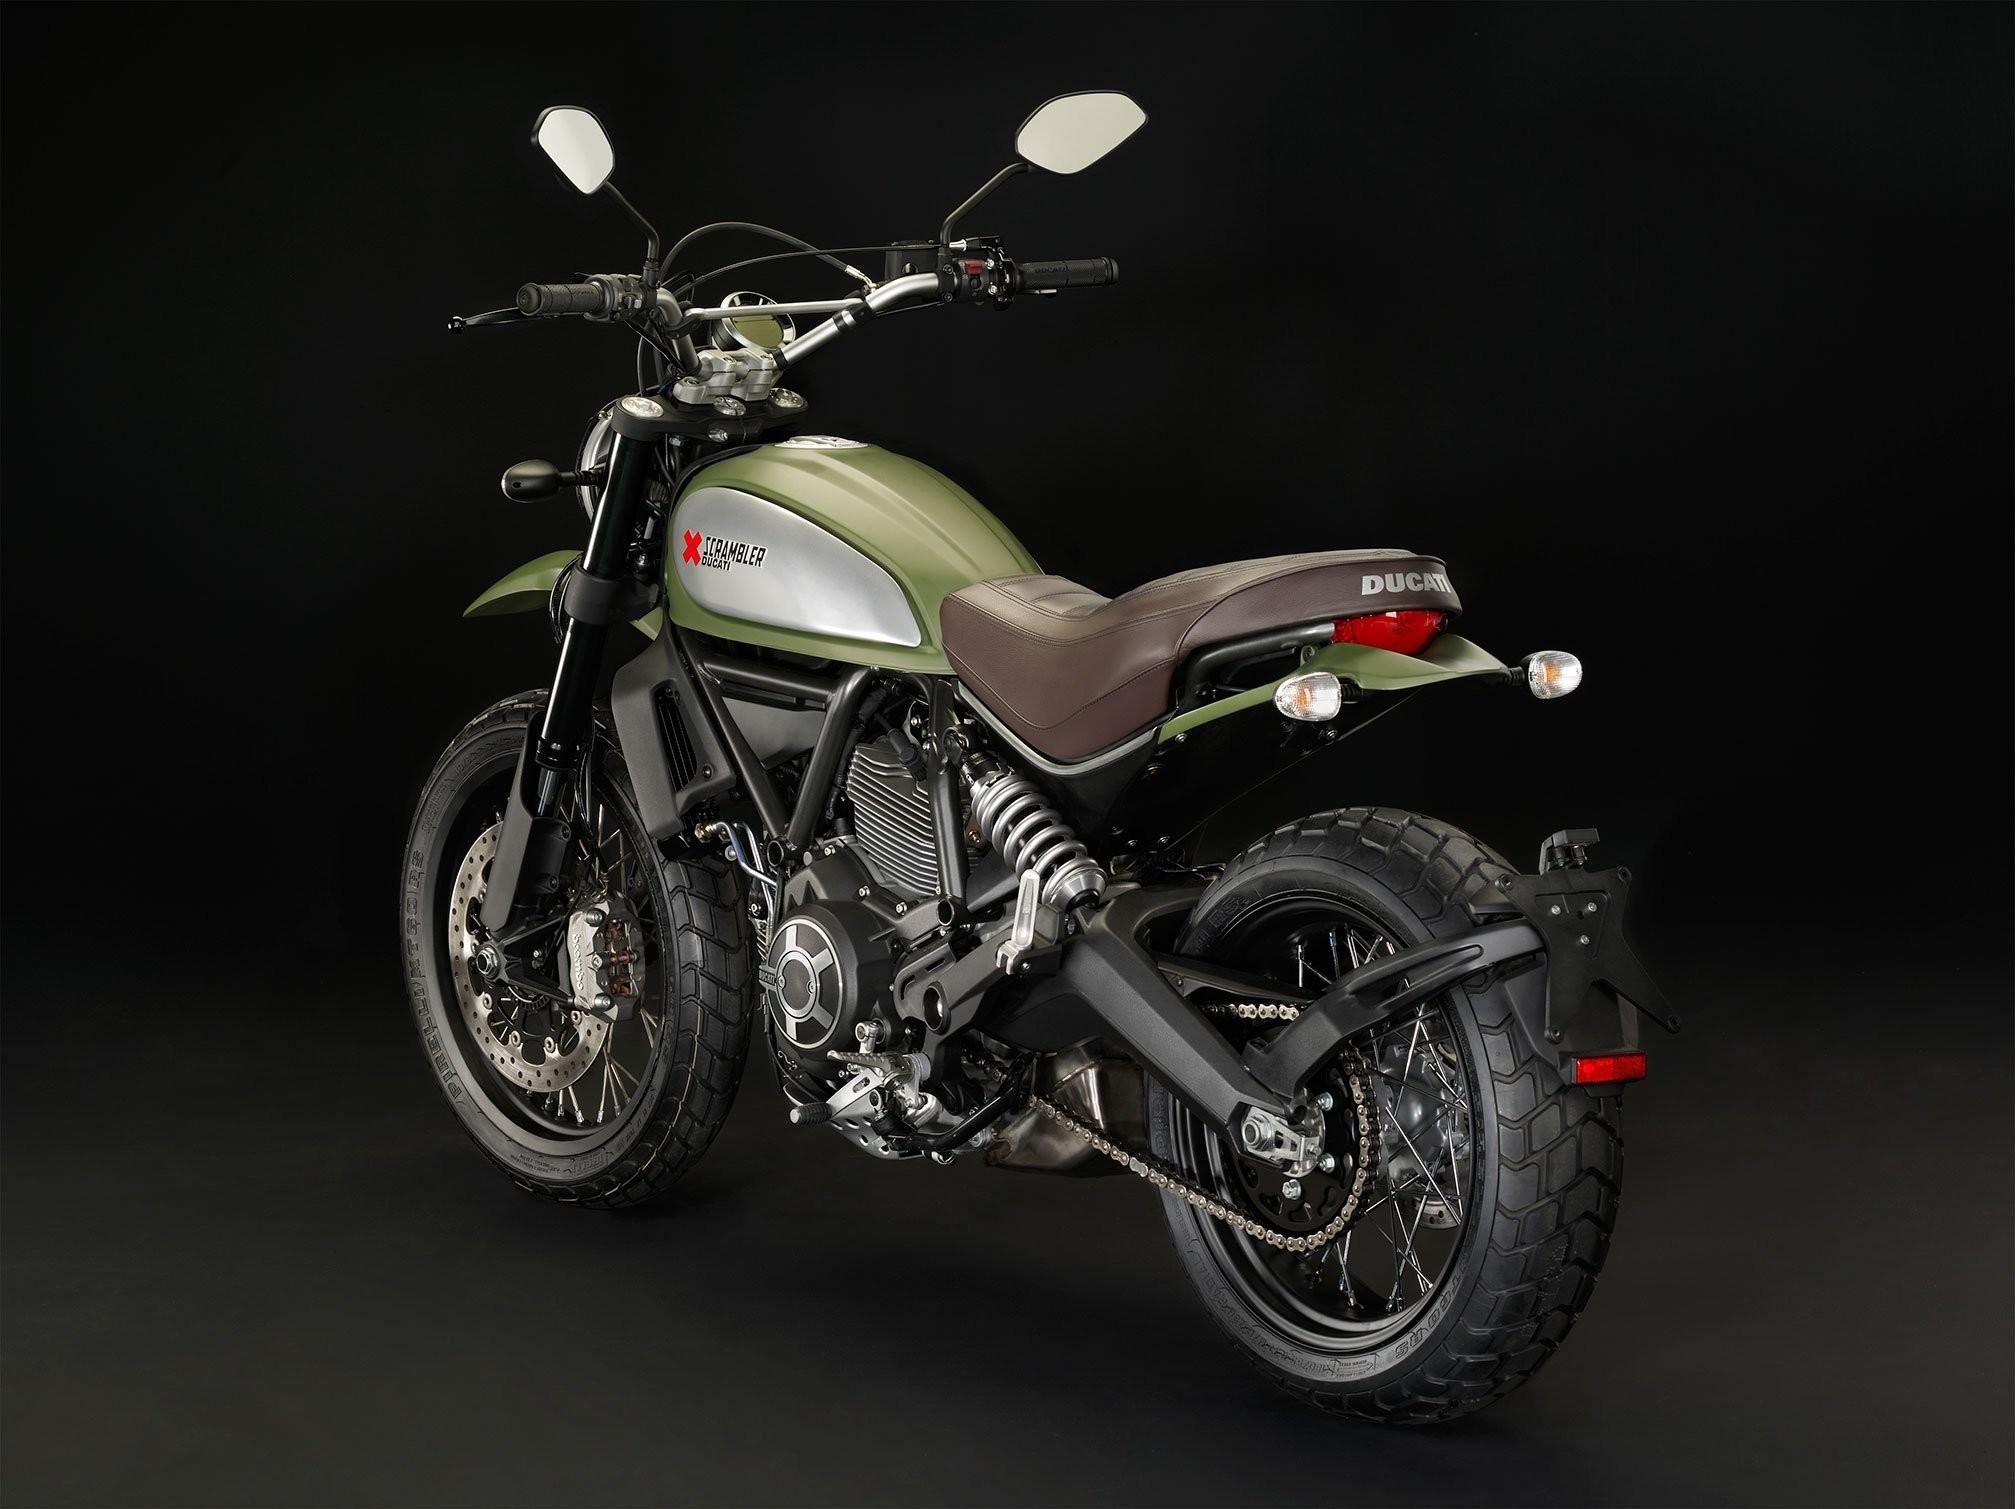 Ducati Scrambler Wallpapers (80+ images)